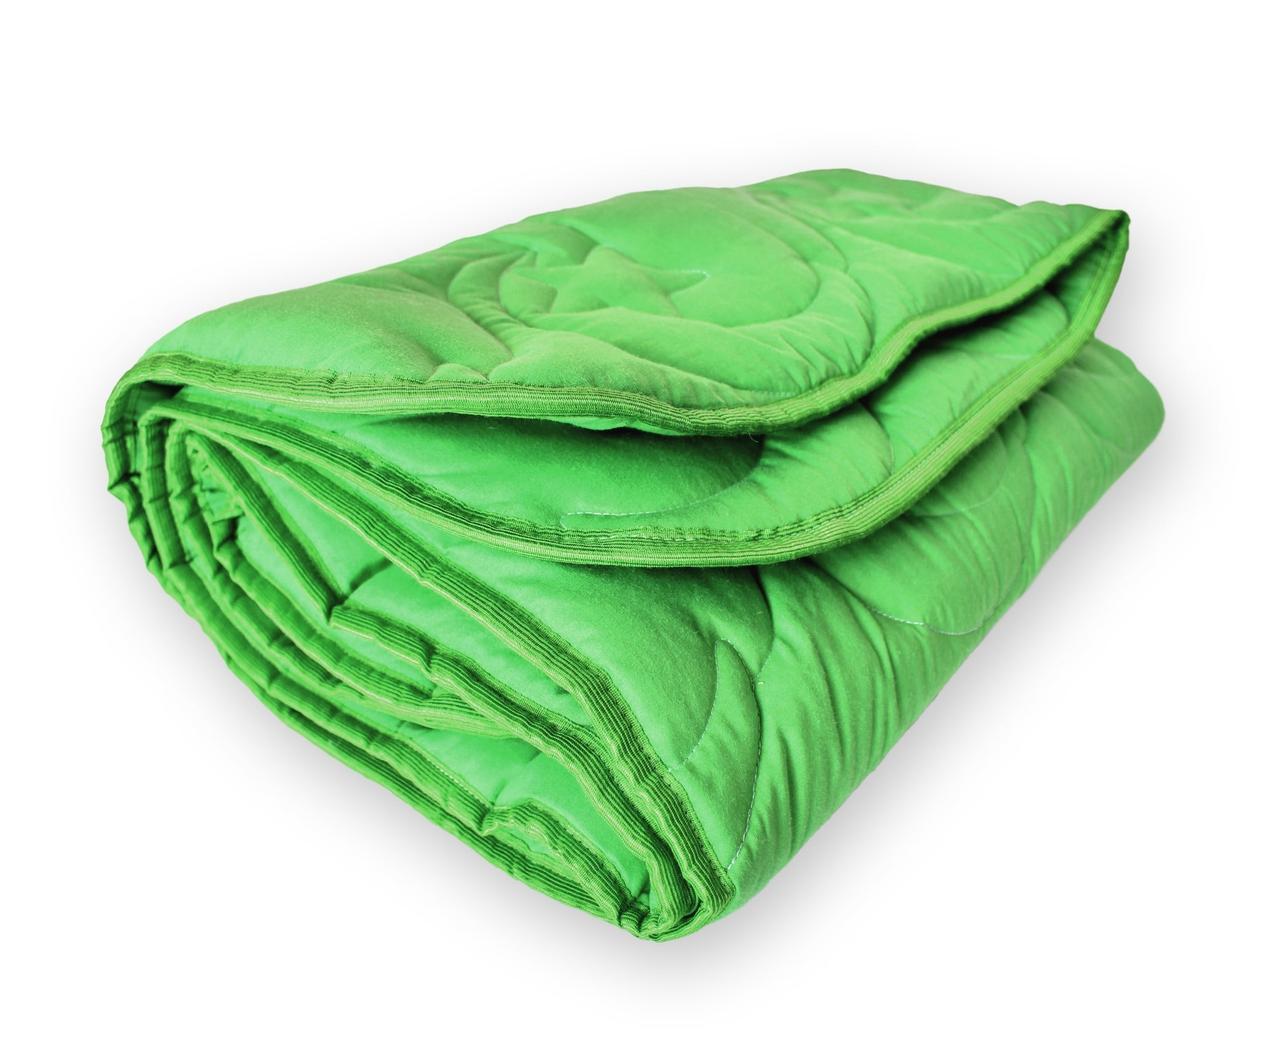 Одеяло детское QSLEEP полушерсть 105*140 см зеленый (месяц и звезда)